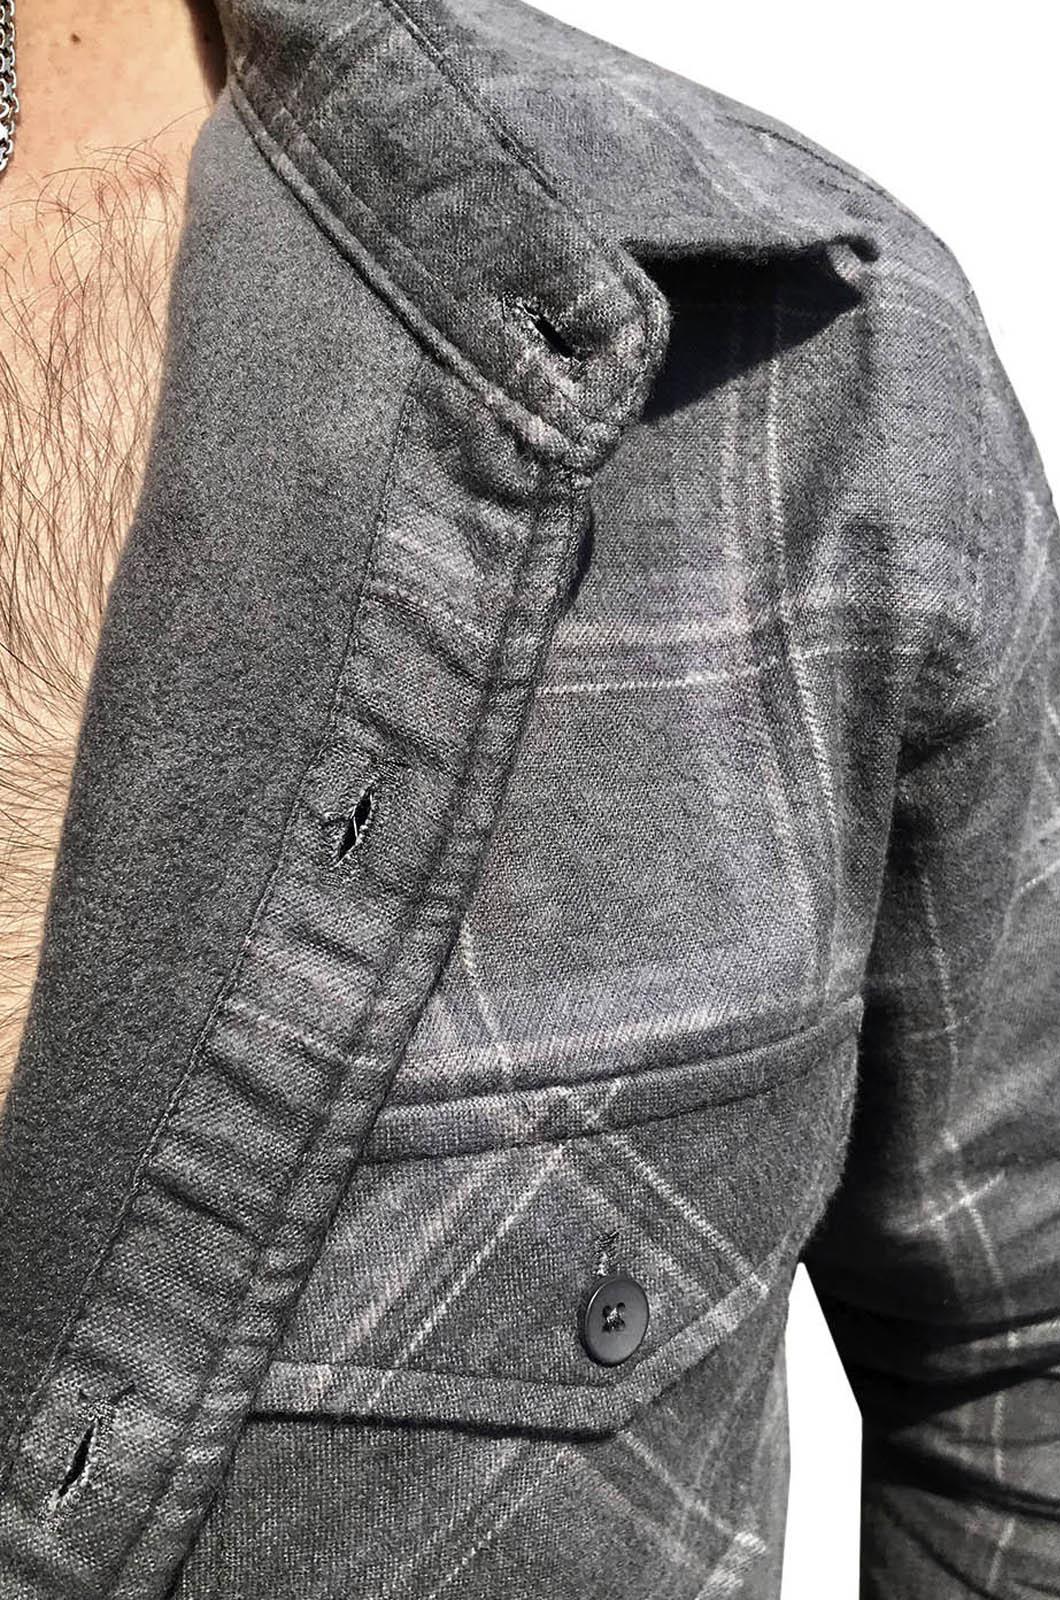 Рубашка с нашивкой 12 ОБрСпН купить по сбалансированной цене